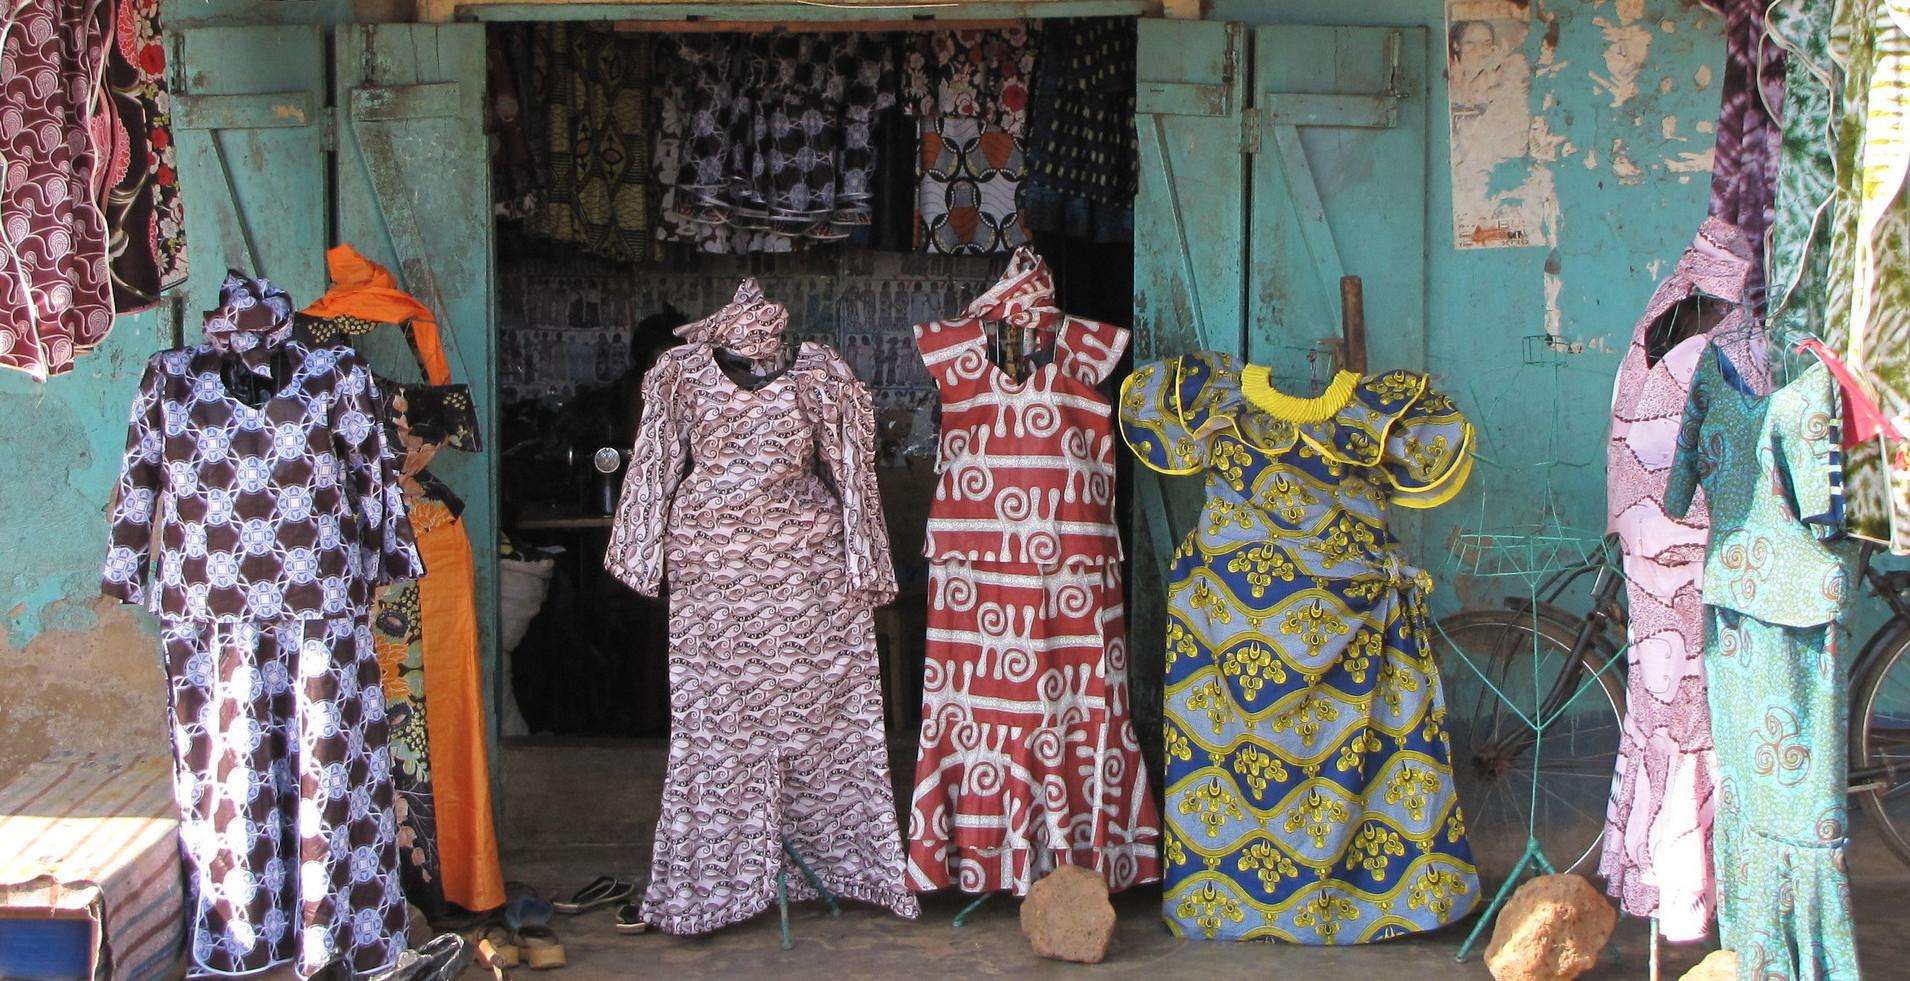 Wielokulturowe sploty – przewodnik po afrykańskich tkaninach